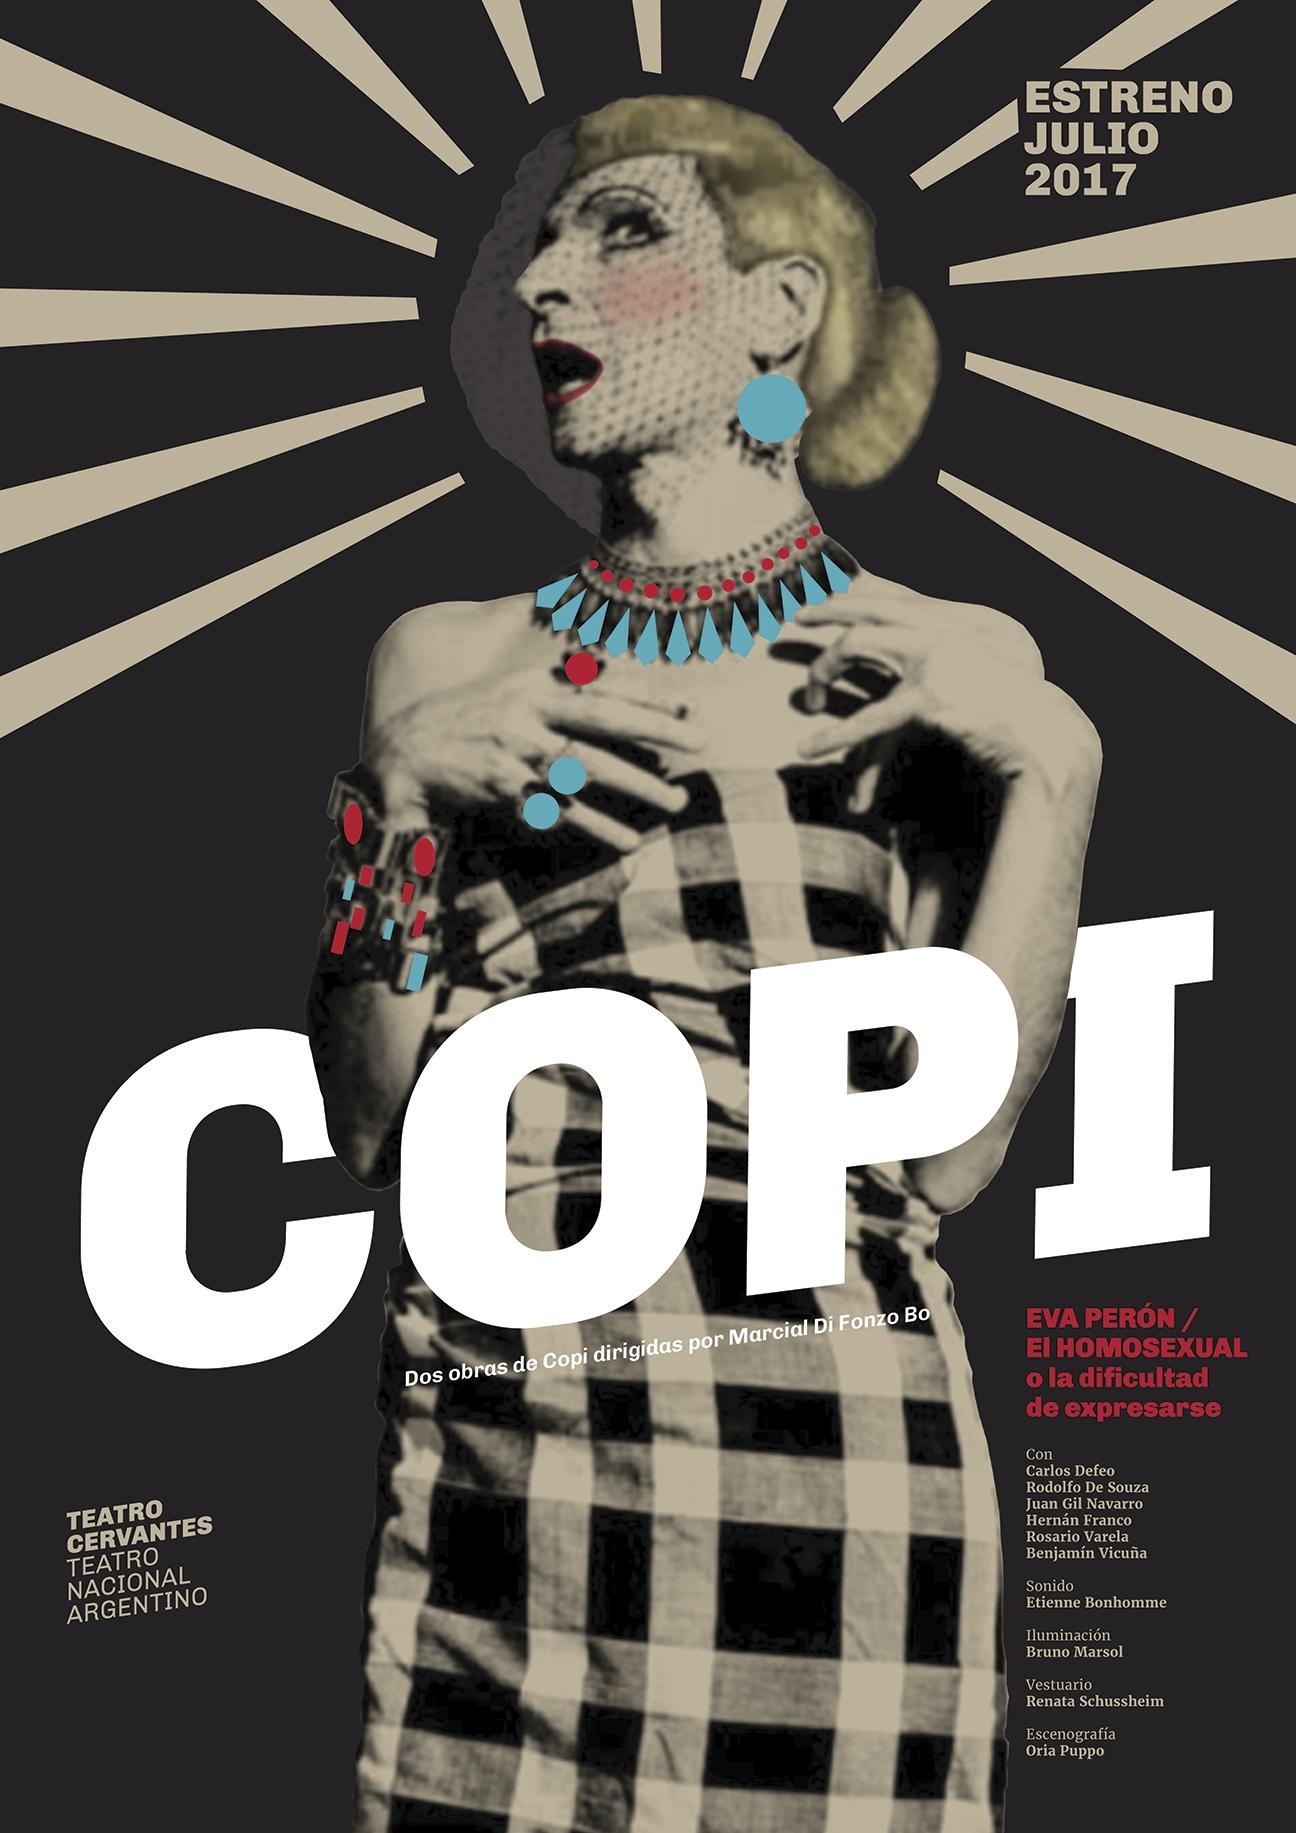 Diseño de afiches Teatro Cervantes - Teatro Nacional Argentino - Copi - Eva Perón - El homosexual